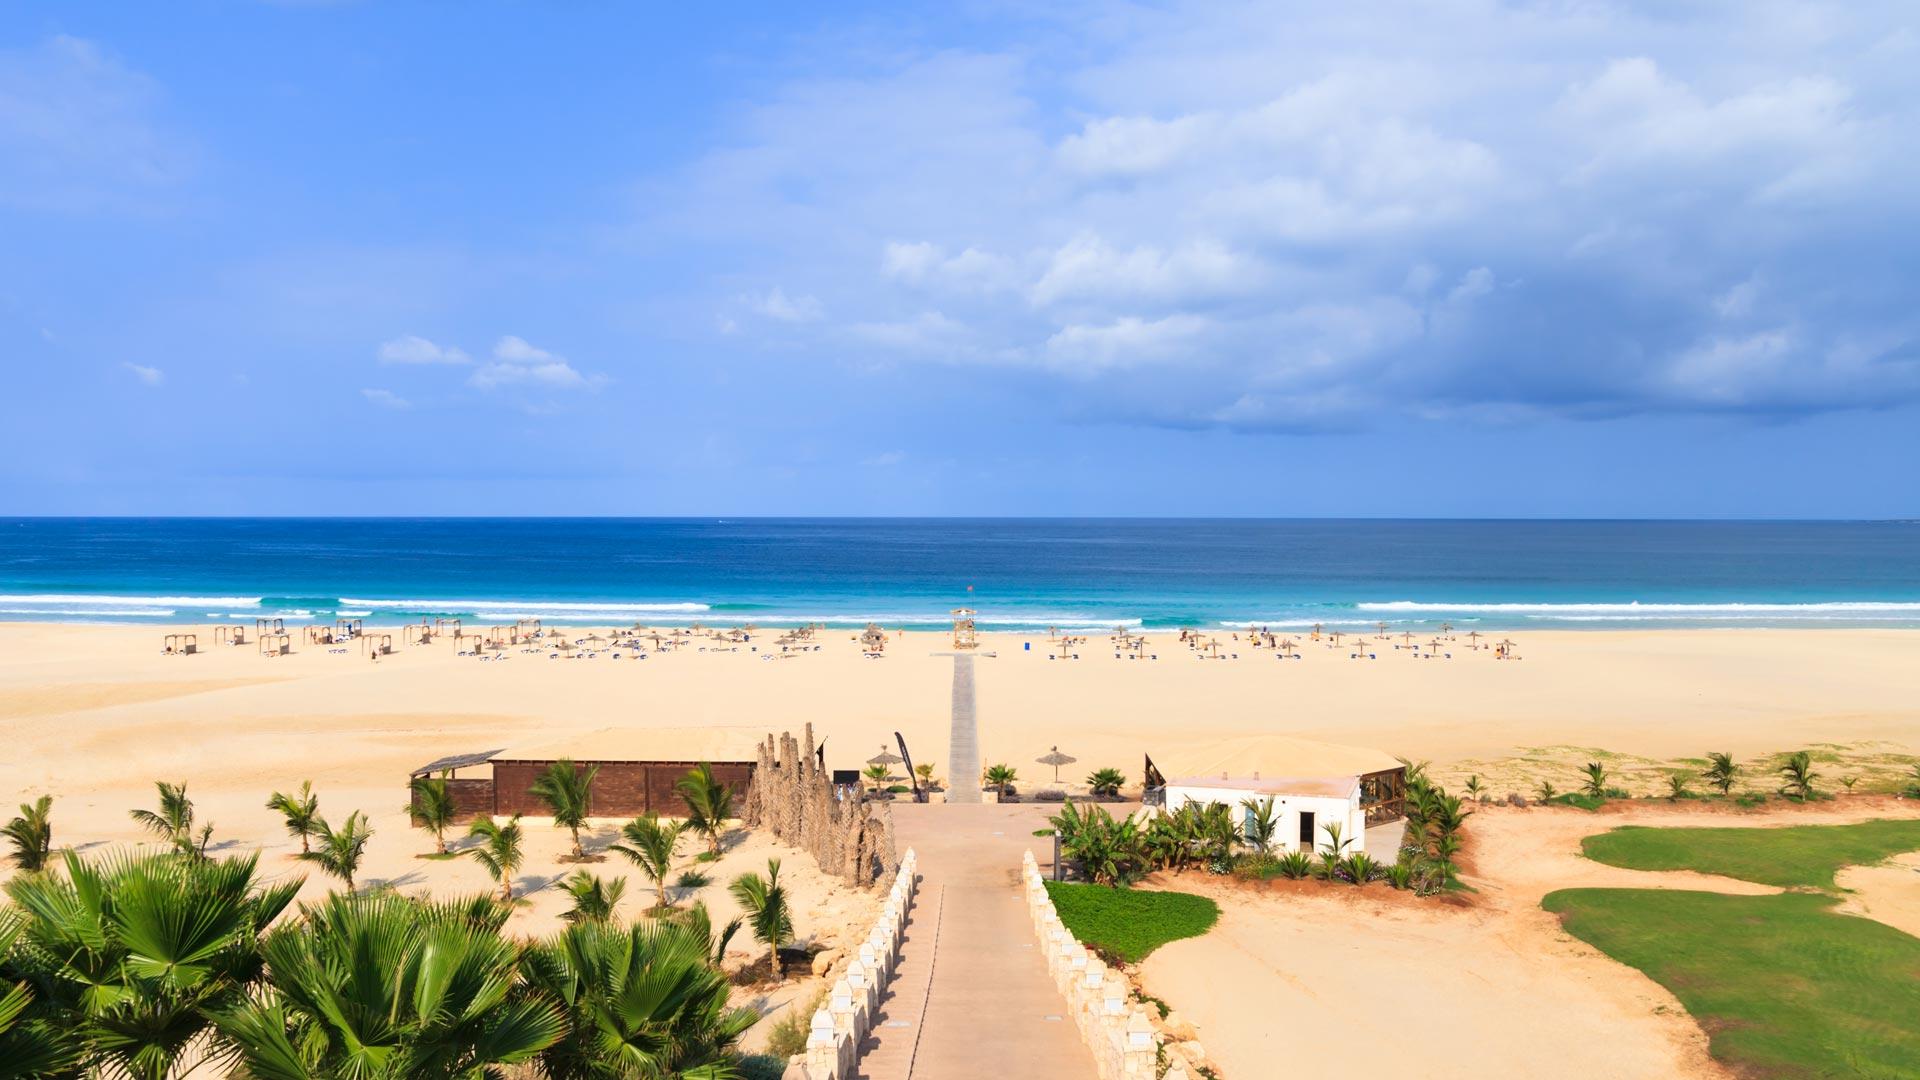 Plages de sable fin, eaux au bleu limpide, paysage sauvage, l'île de Boa Vista, nouvel Eldorado du tourisme balnéaire et nautique au Cap-Vert